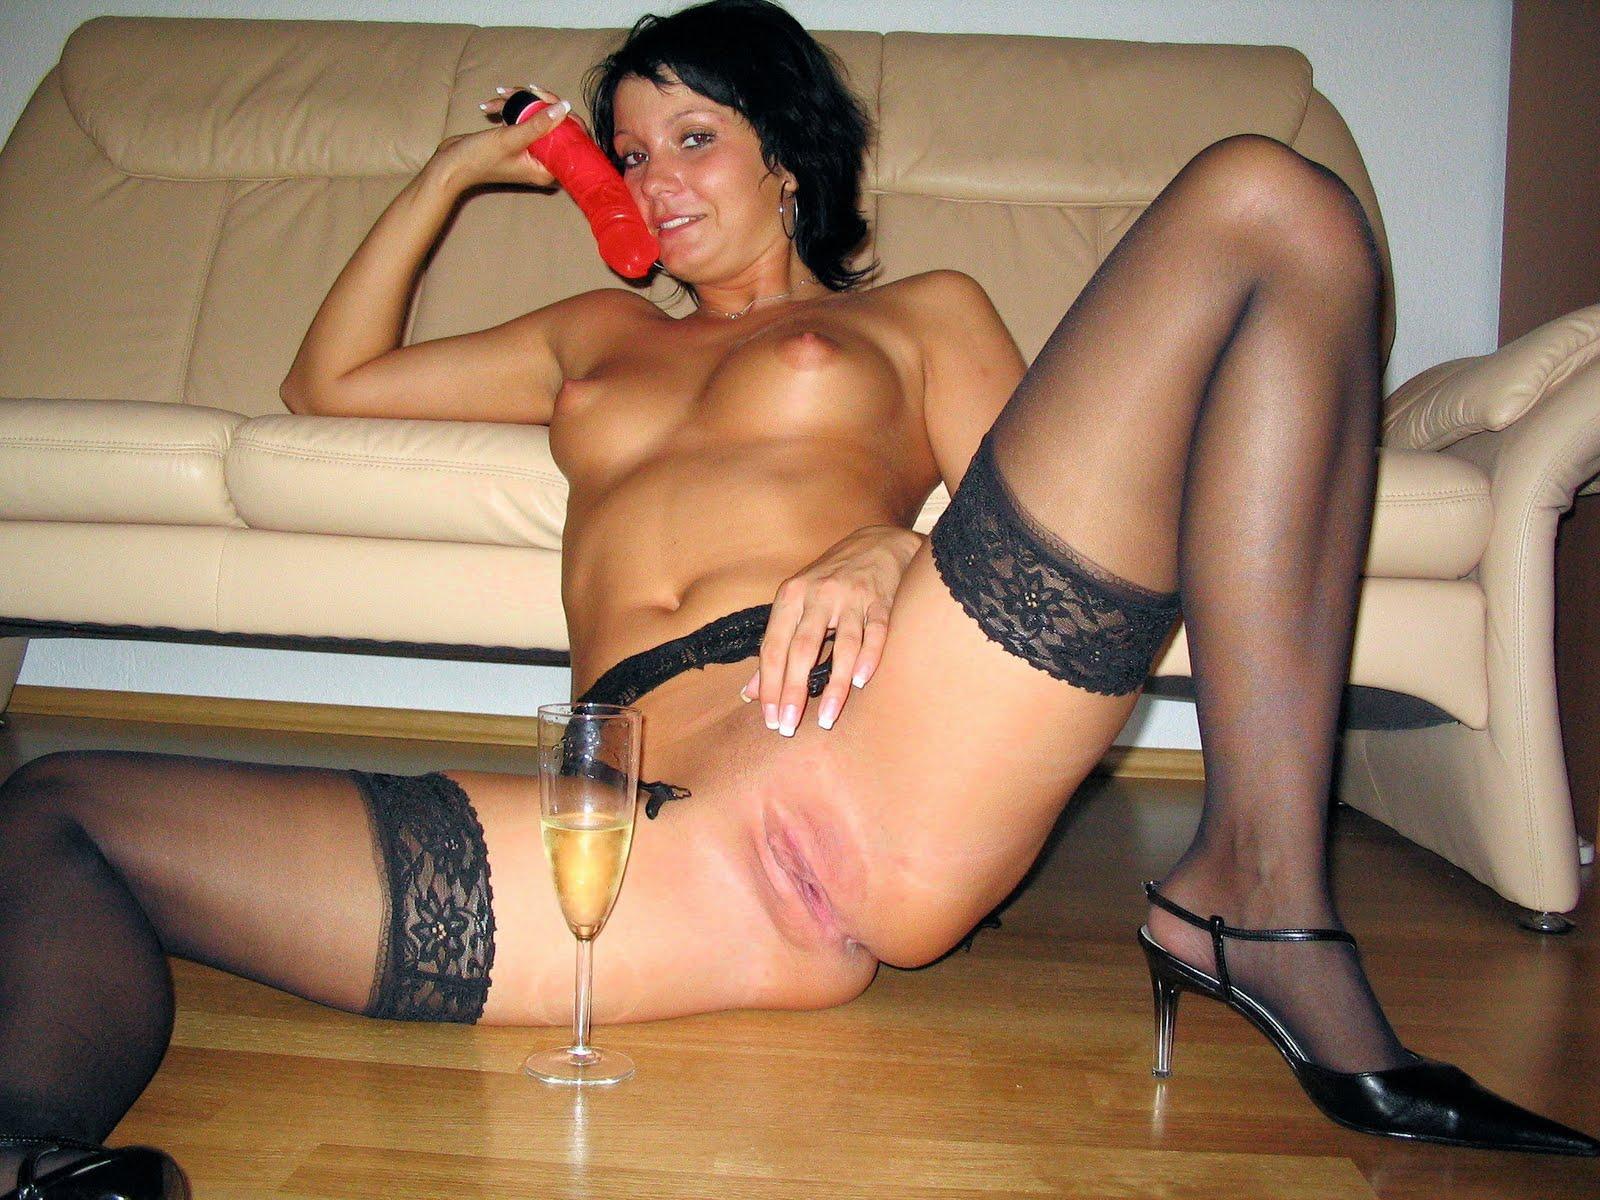 Фото жена развратная с другим настырно приглашают